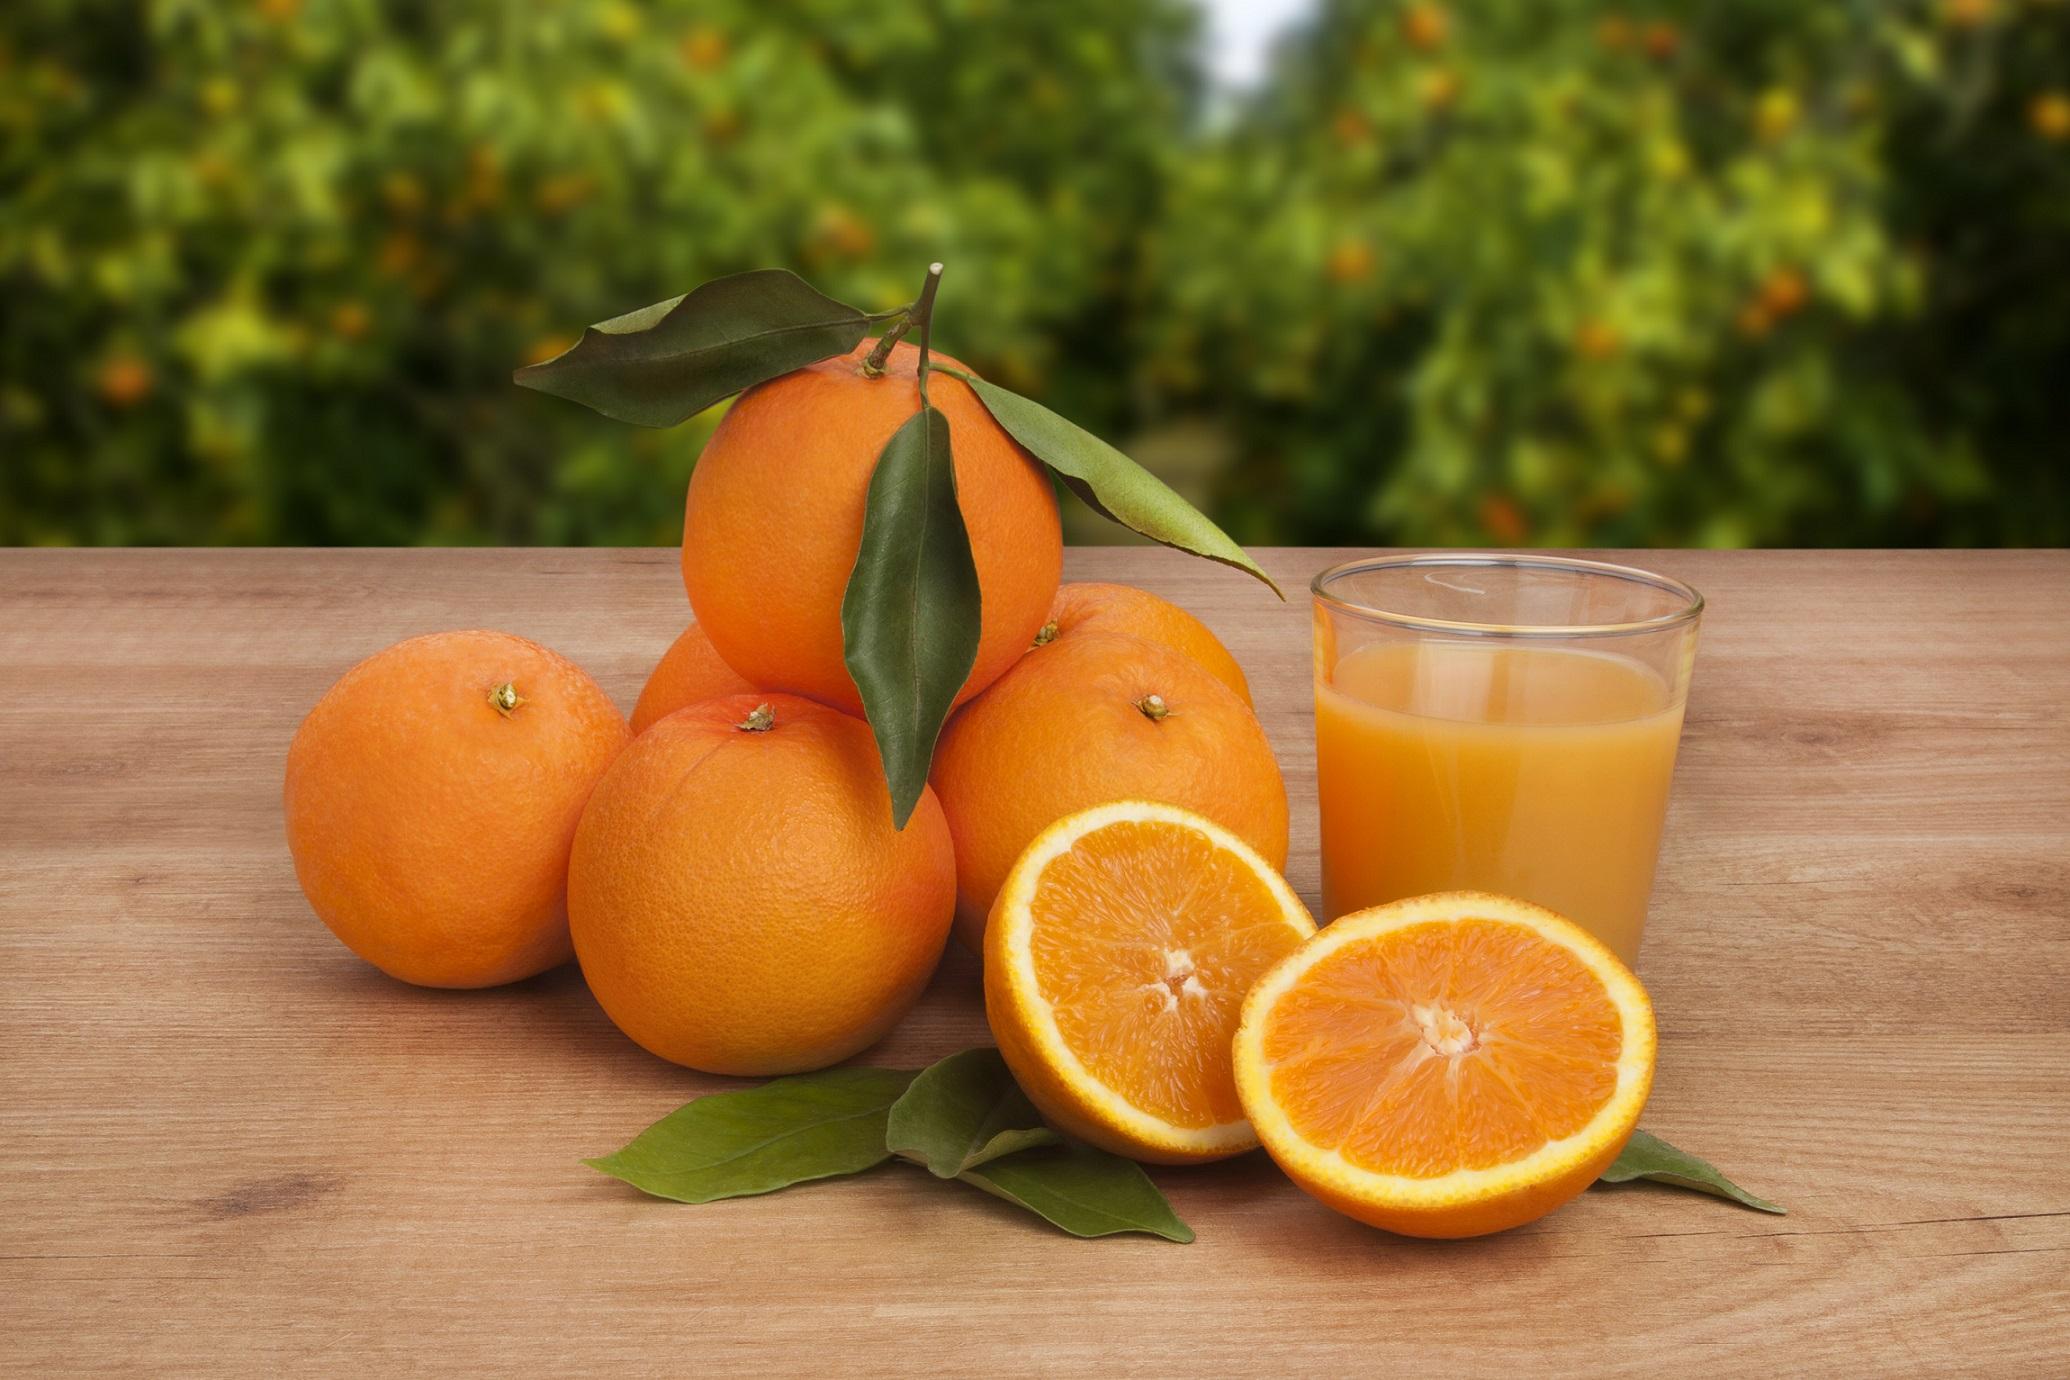 Las naranjas con Denominación de Origen de Valencia, uno de los referentes mundiales